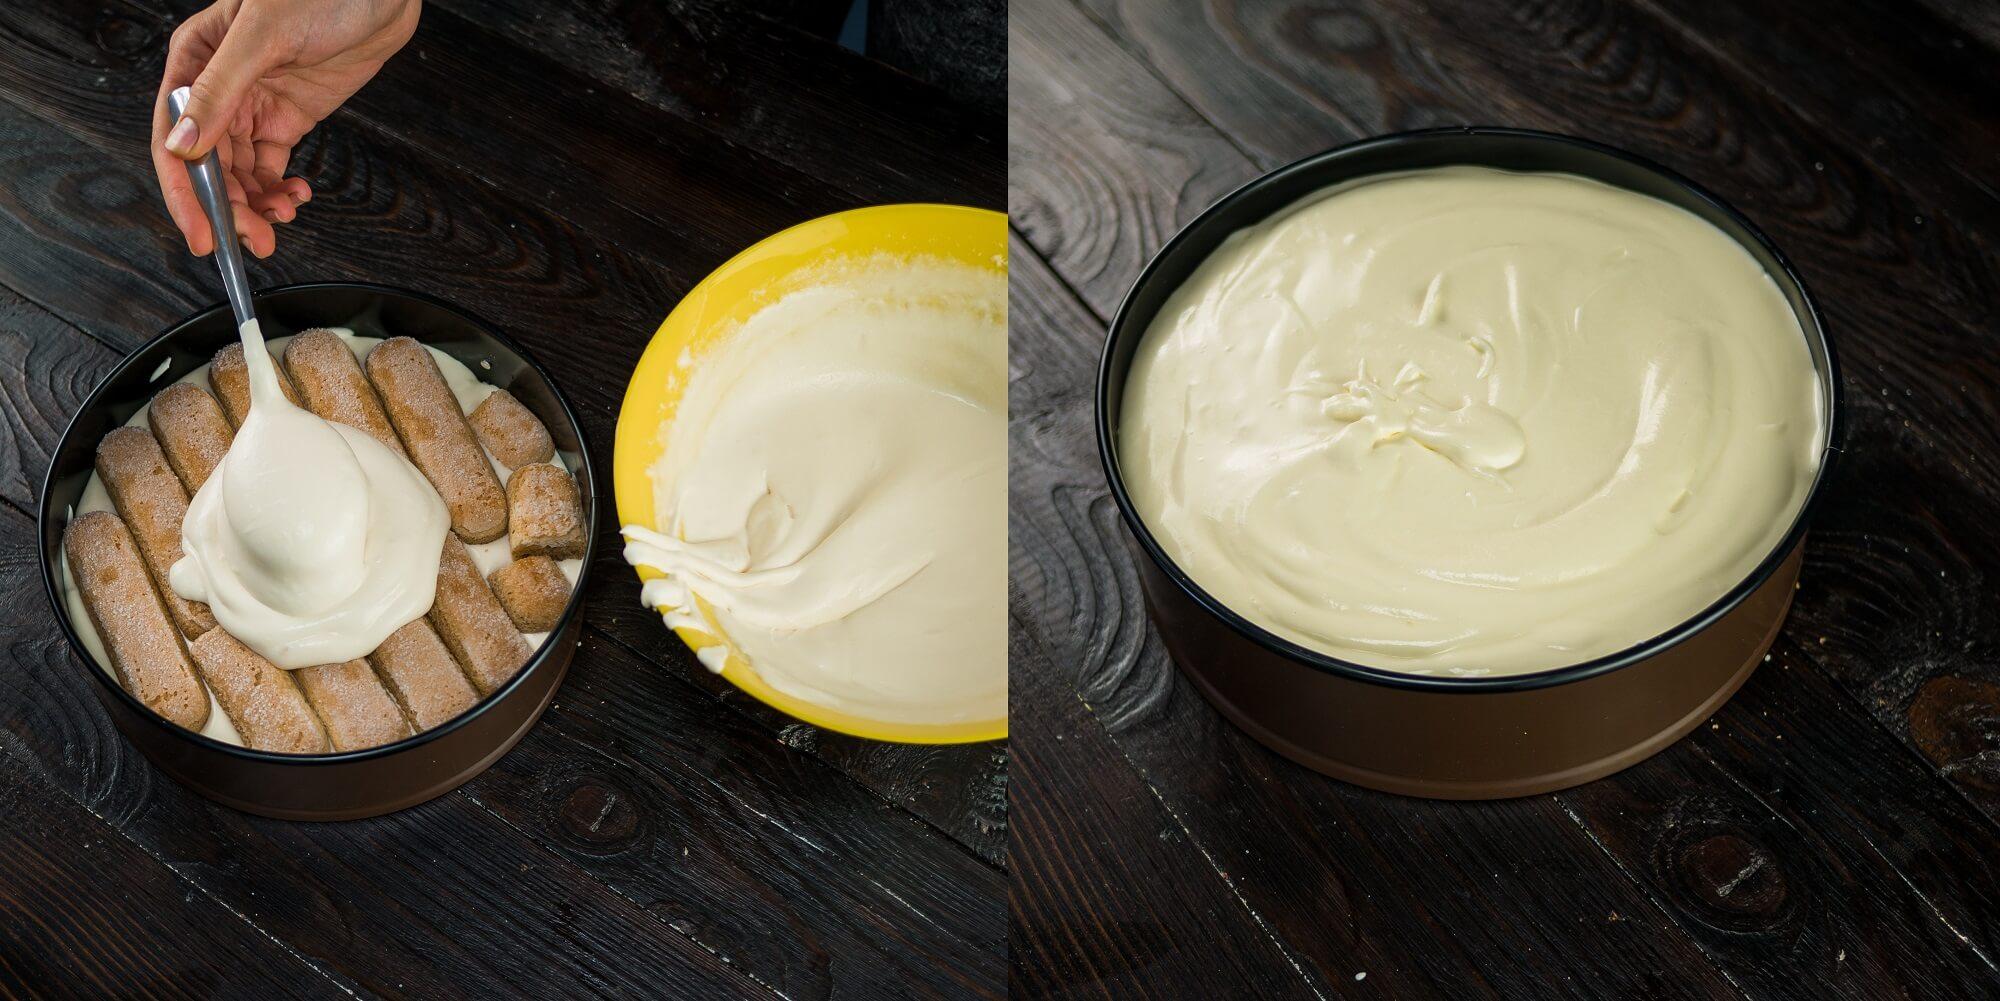 Сверху положите второй слой печенья и остатки крема